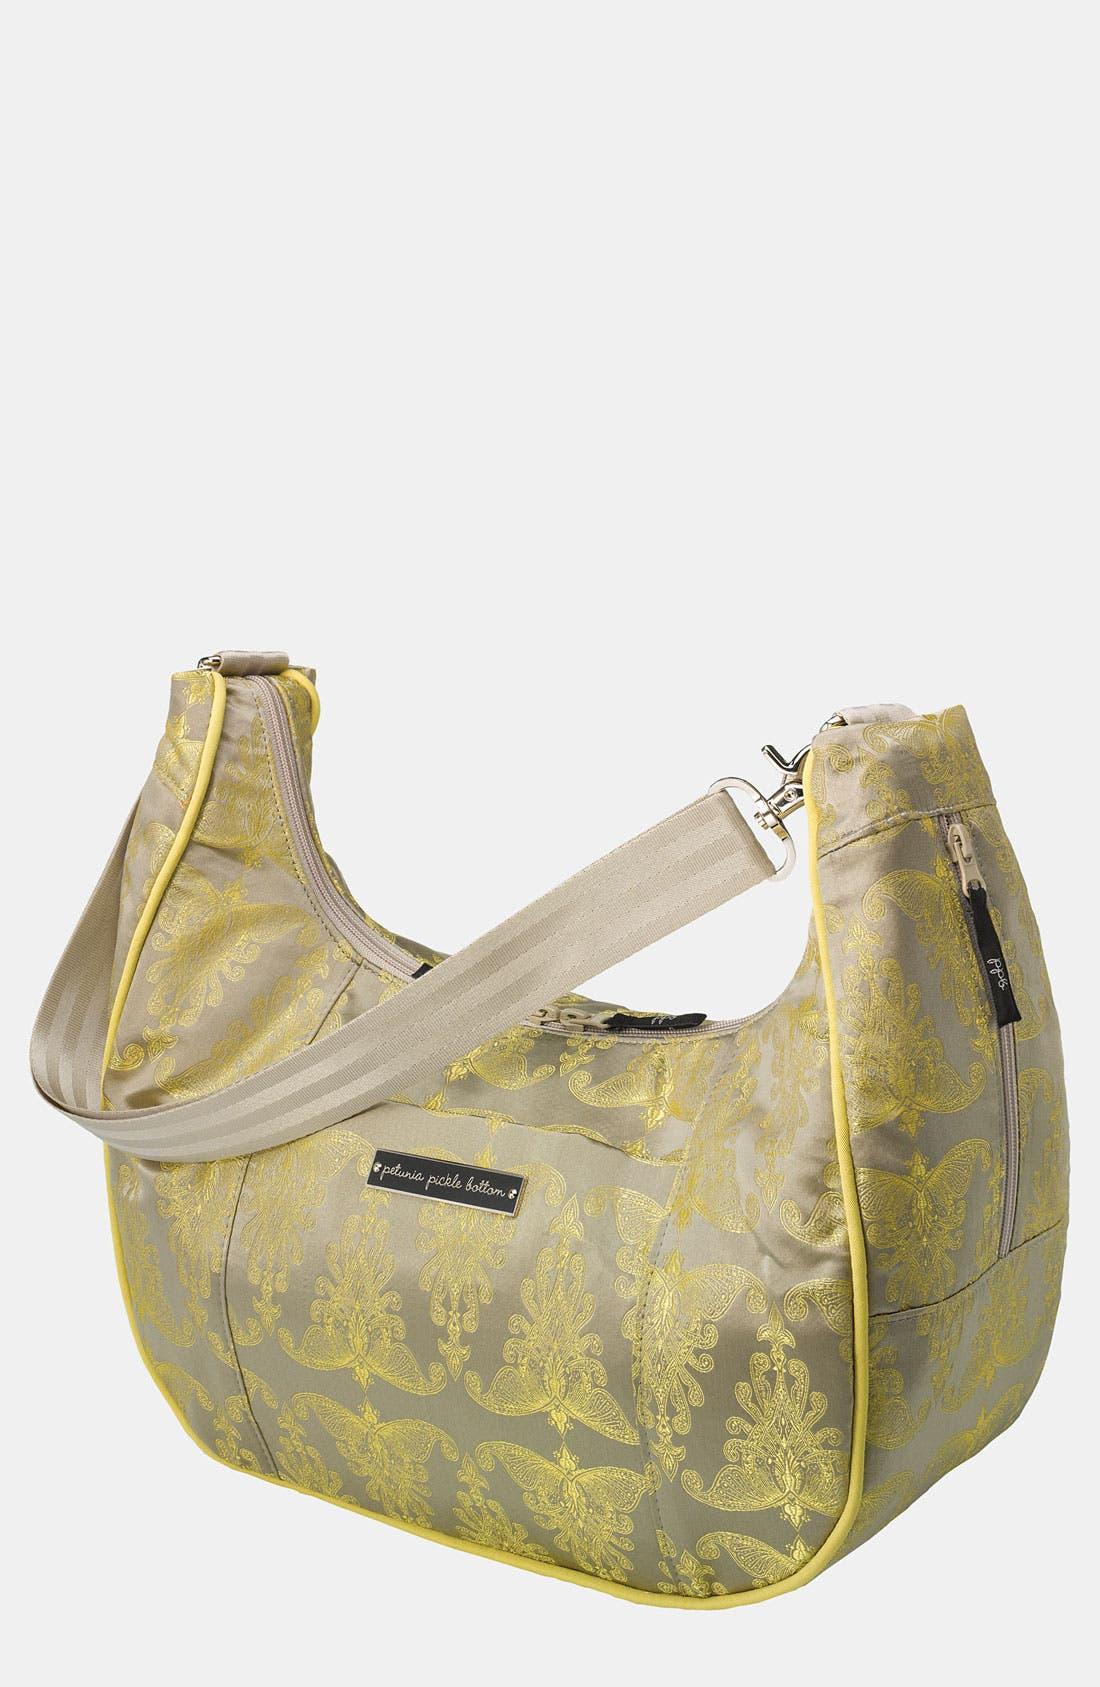 Main Image - Petunia Pickle Bottom 'Touring Tote' Brocade Diaper Bag